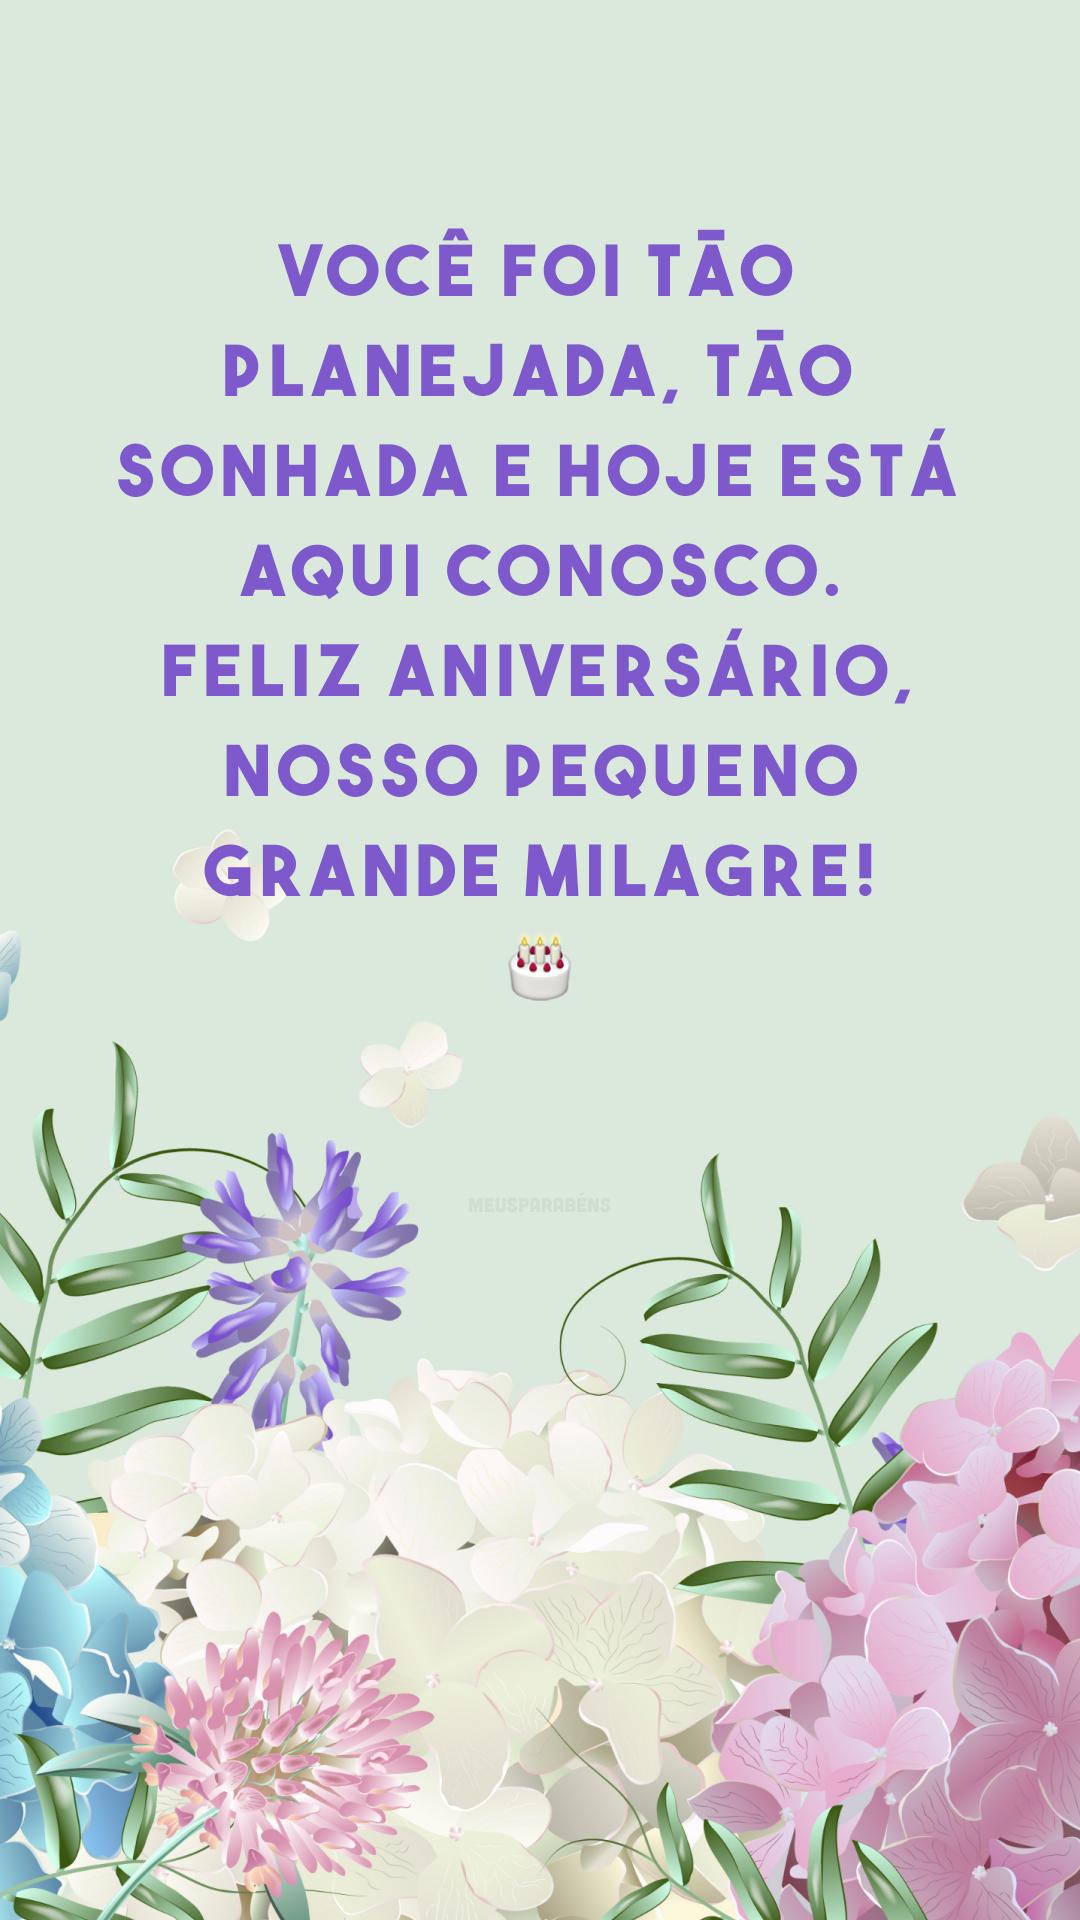 Você foi tão planejada, tão sonhada e hoje está aqui conosco. Feliz aniversário, nosso pequeno grande milagre! ?